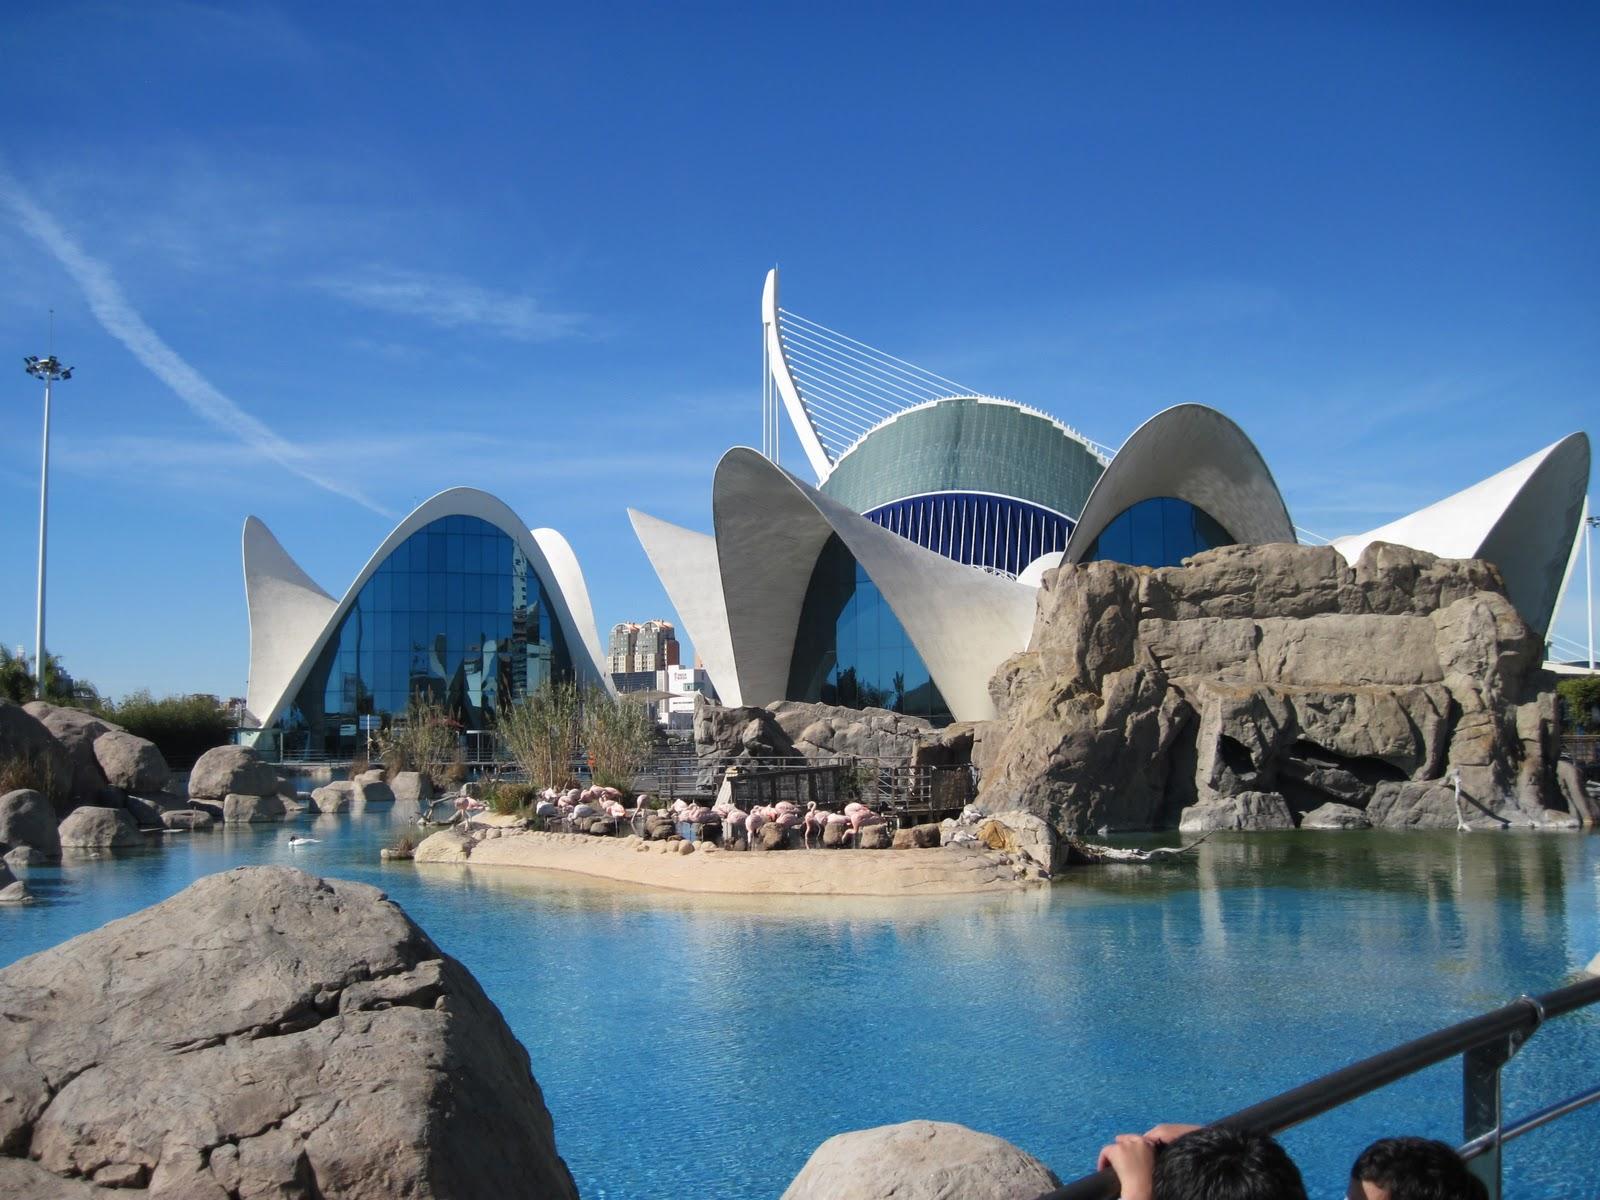 Que pasa, España?: Weekend in Valencia :)